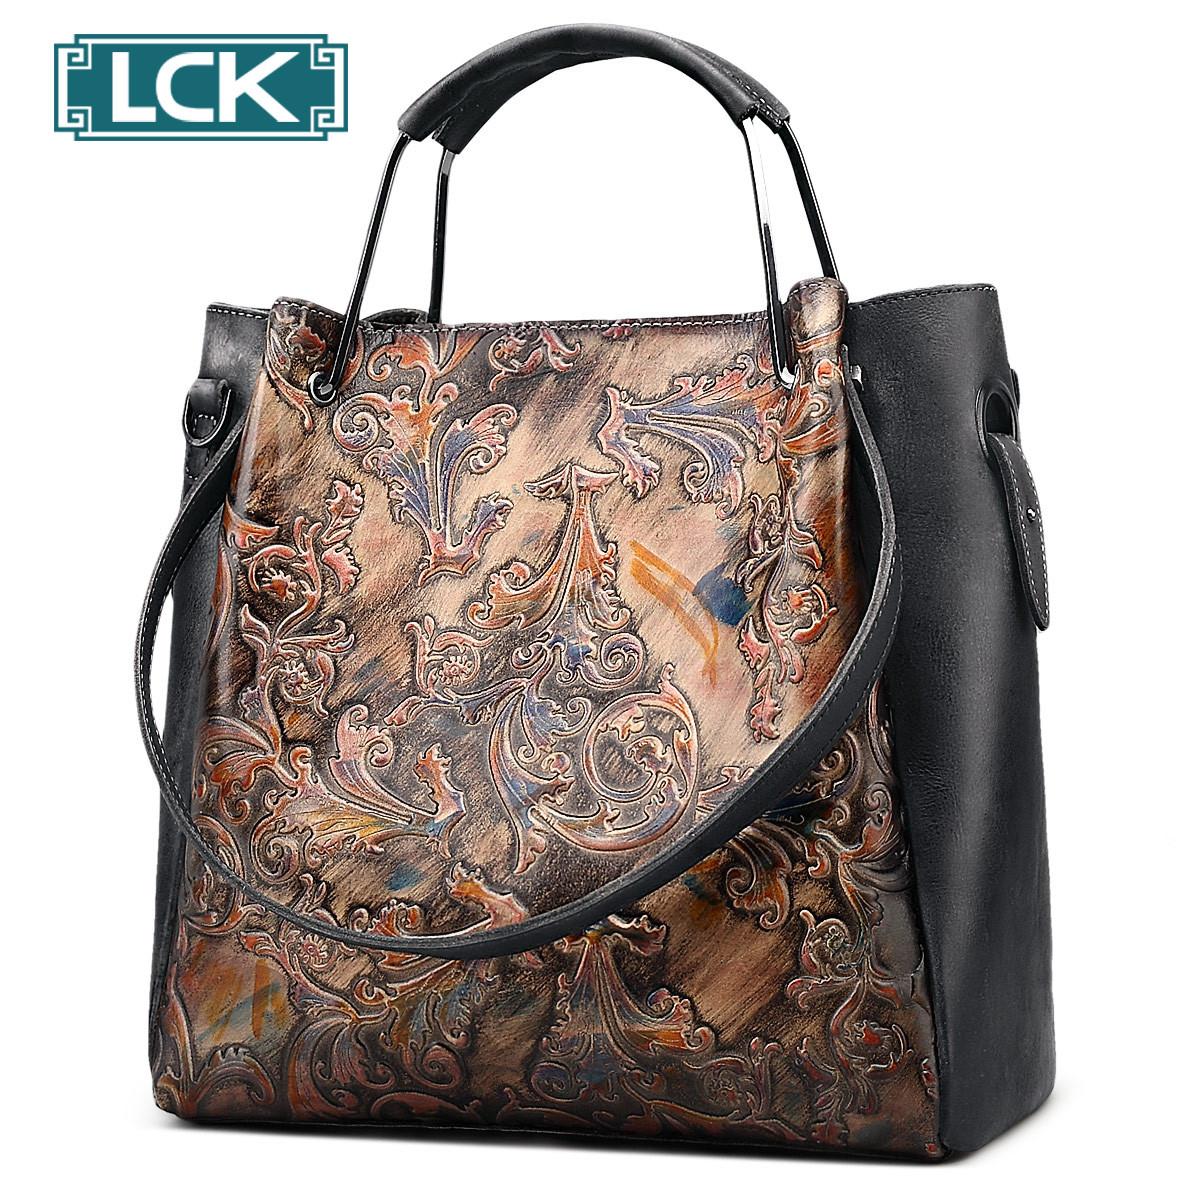 d5c5c11c8978 Люксовый бренд женская кожаная сумка премиум класса 5 цвектов - Интернет- магазин